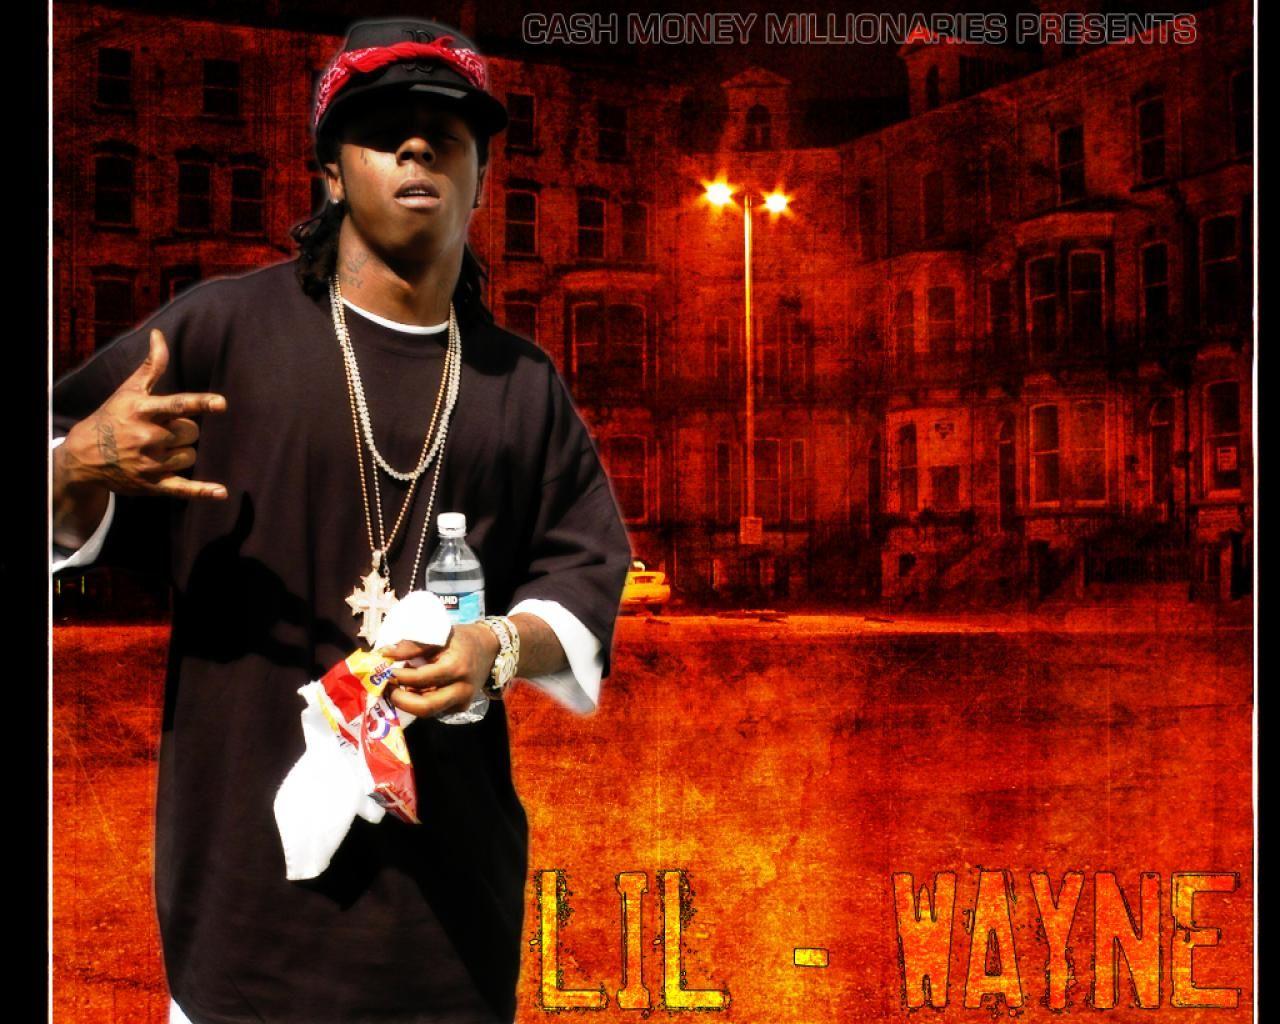 http://3.bp.blogspot.com/-5YtMO0VQilo/TcrHK4ZHf0I/AAAAAAAAAdY/-2bQIA1OvEk/s1600/Lil-Wayne-Latest-Wallpapers-3.jpg